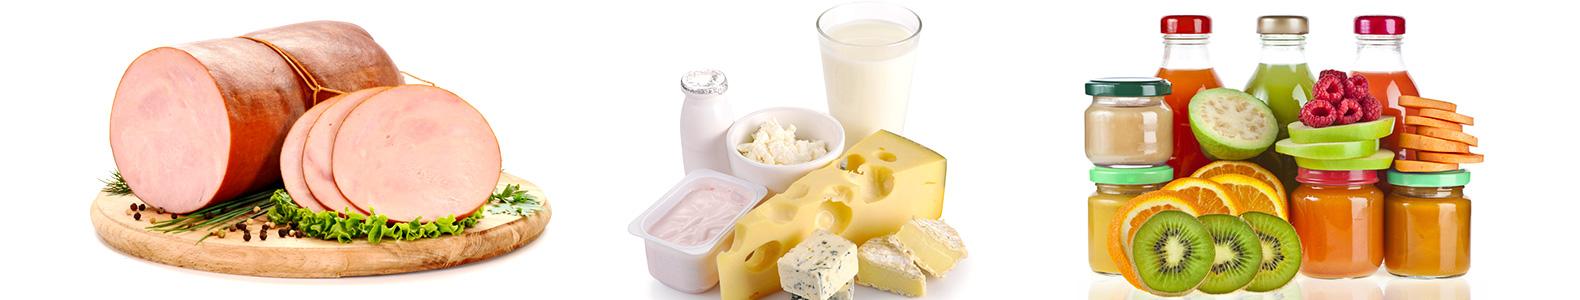 乳酸链球菌素食品防腐剂-四川ballbet体育科技